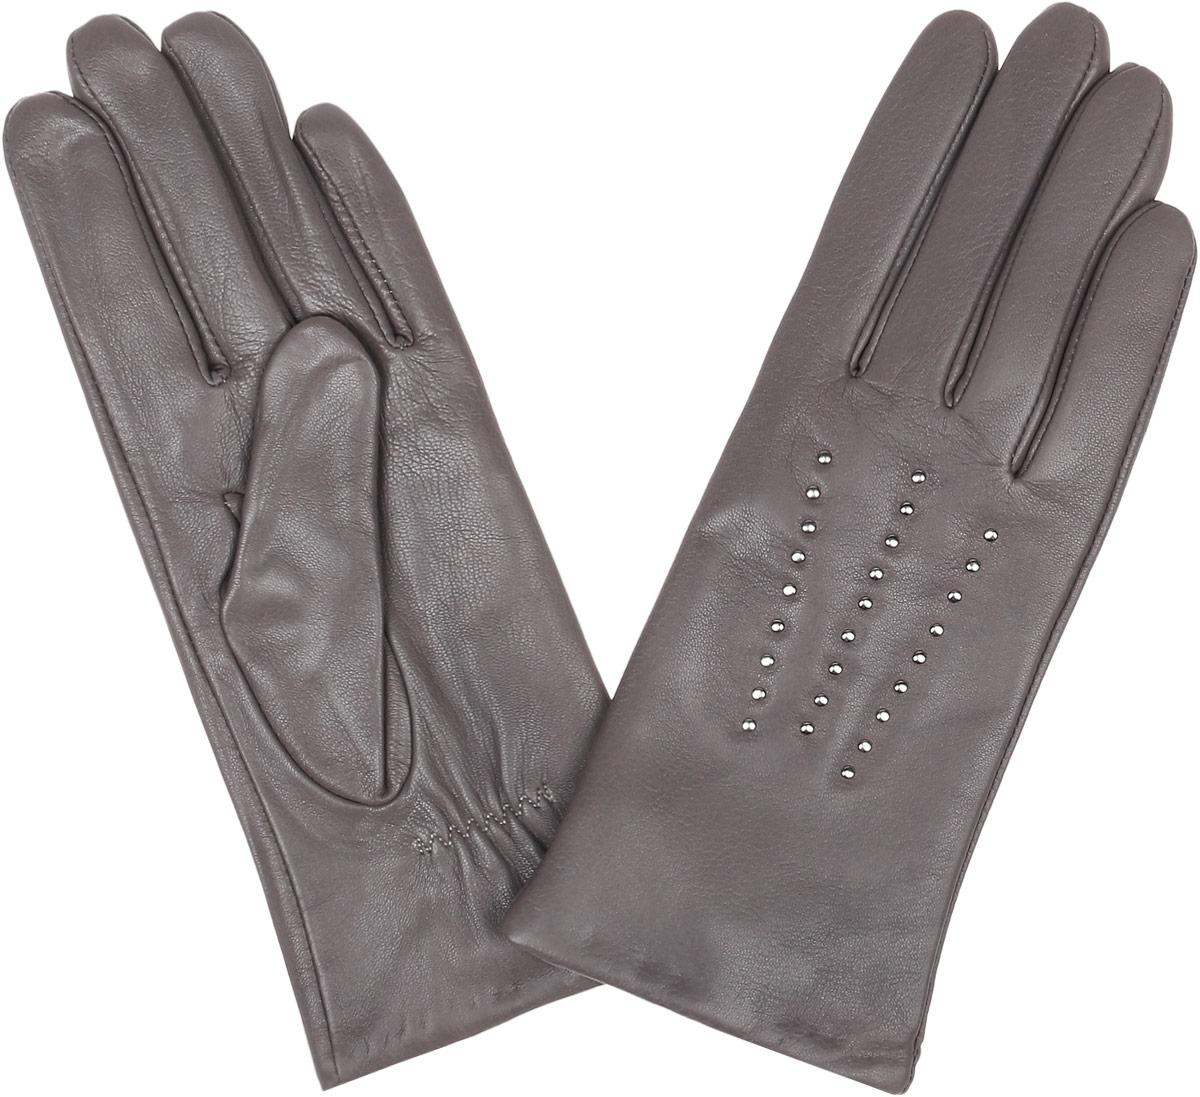 15.1-12_navyСтильные женские перчатки Fabretti не только защитят ваши руки, но и станут великолепным украшением. Перчатки выполнены из натуральной кожи ягненка, а их подкладка - из высококачественной шерсти с добавлением кашемира. Модель оформлена оригинальными металлическими клепками и дополнена строчками - стежками на запястье. Стильный аксессуар для повседневного образа.